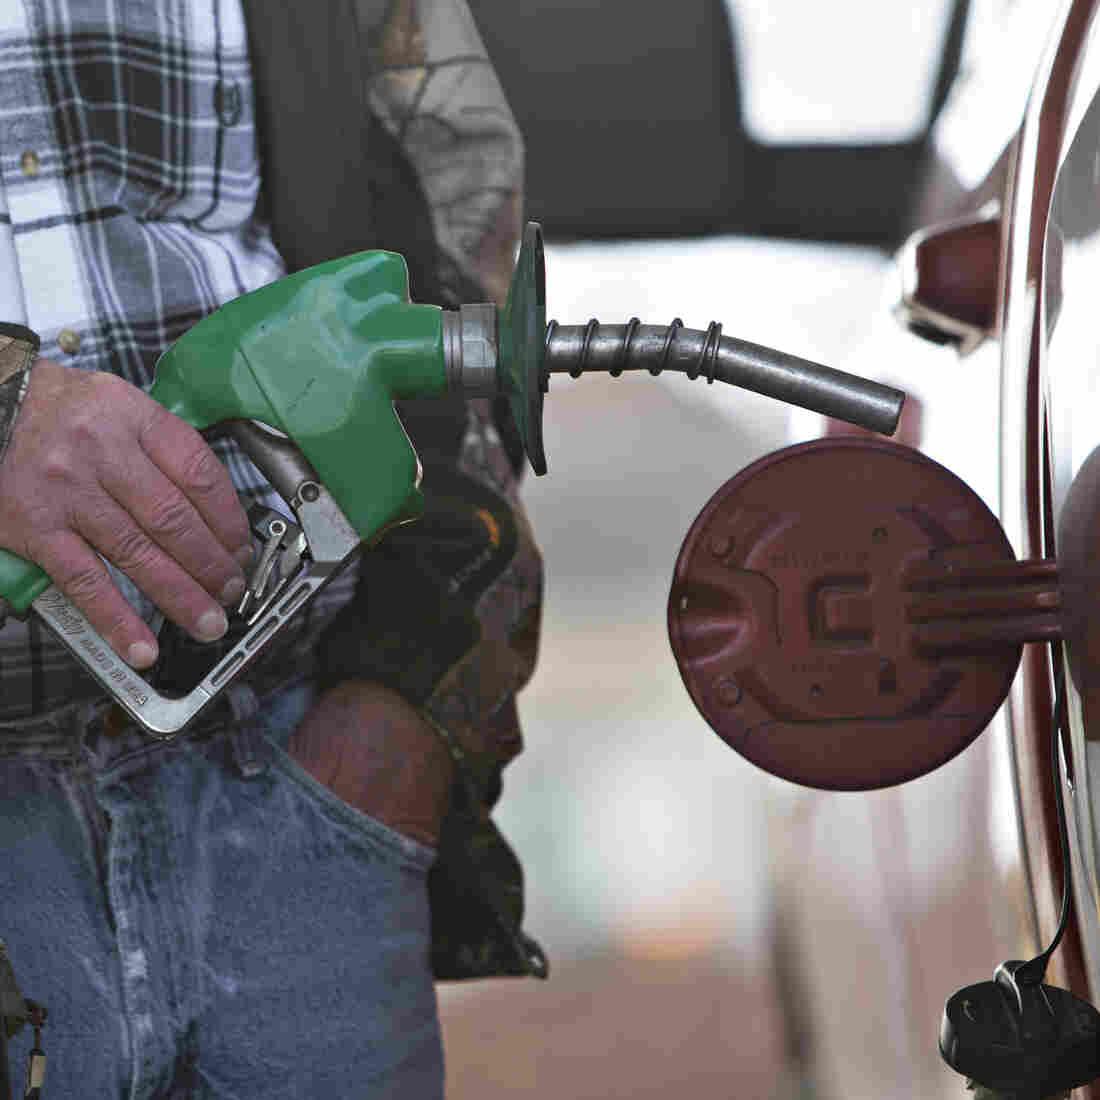 $1.22 A Gallon: Cheap Gas Raises Fears Of Urban Sprawl